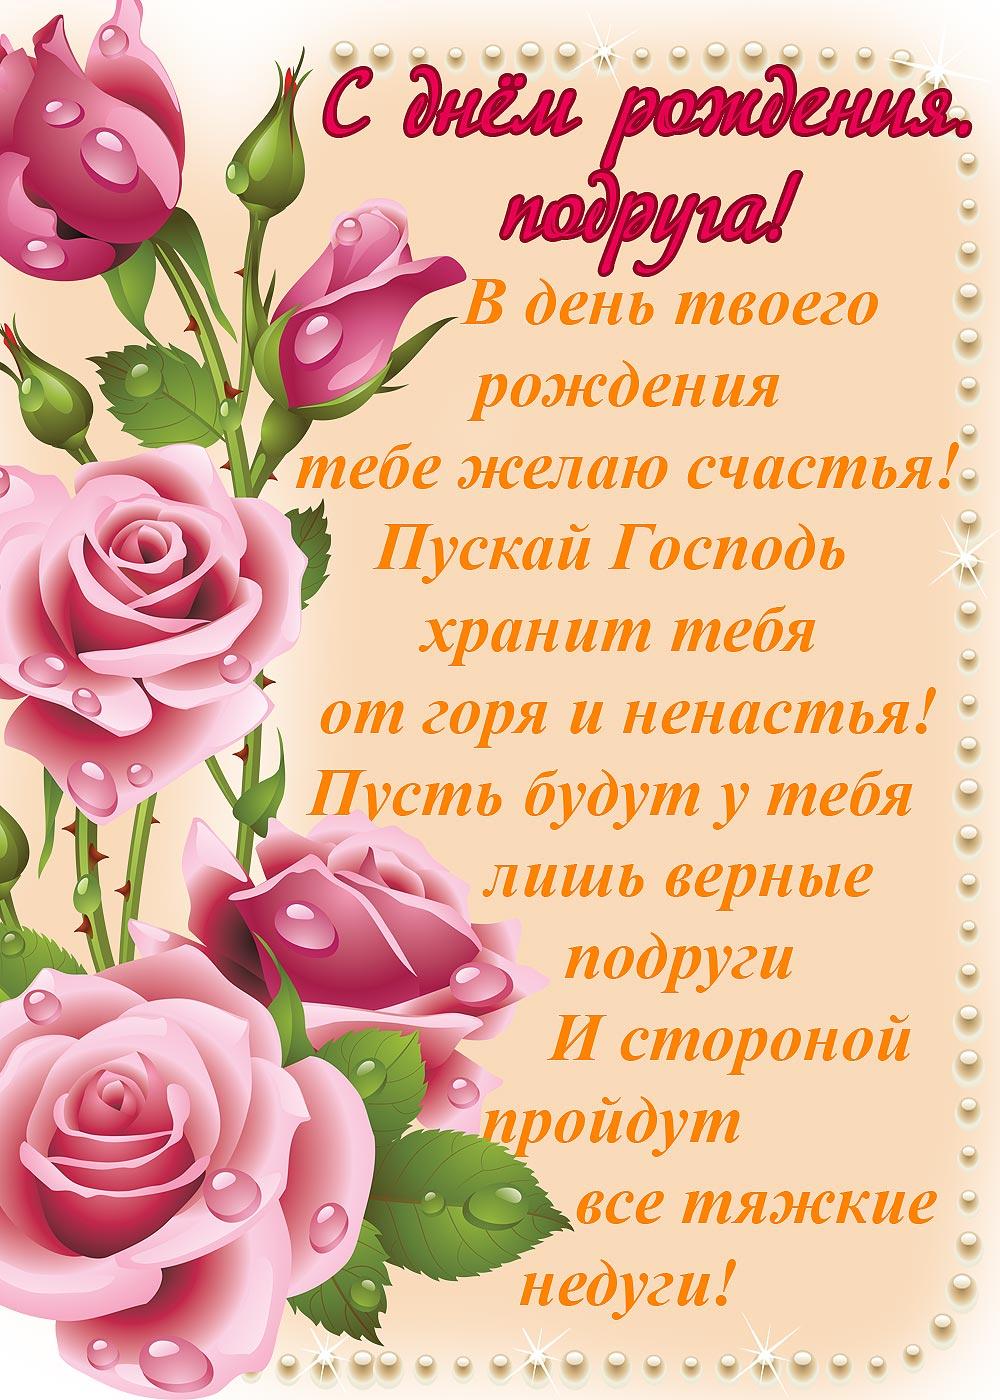 Поздравление с днём рождения подруге песней